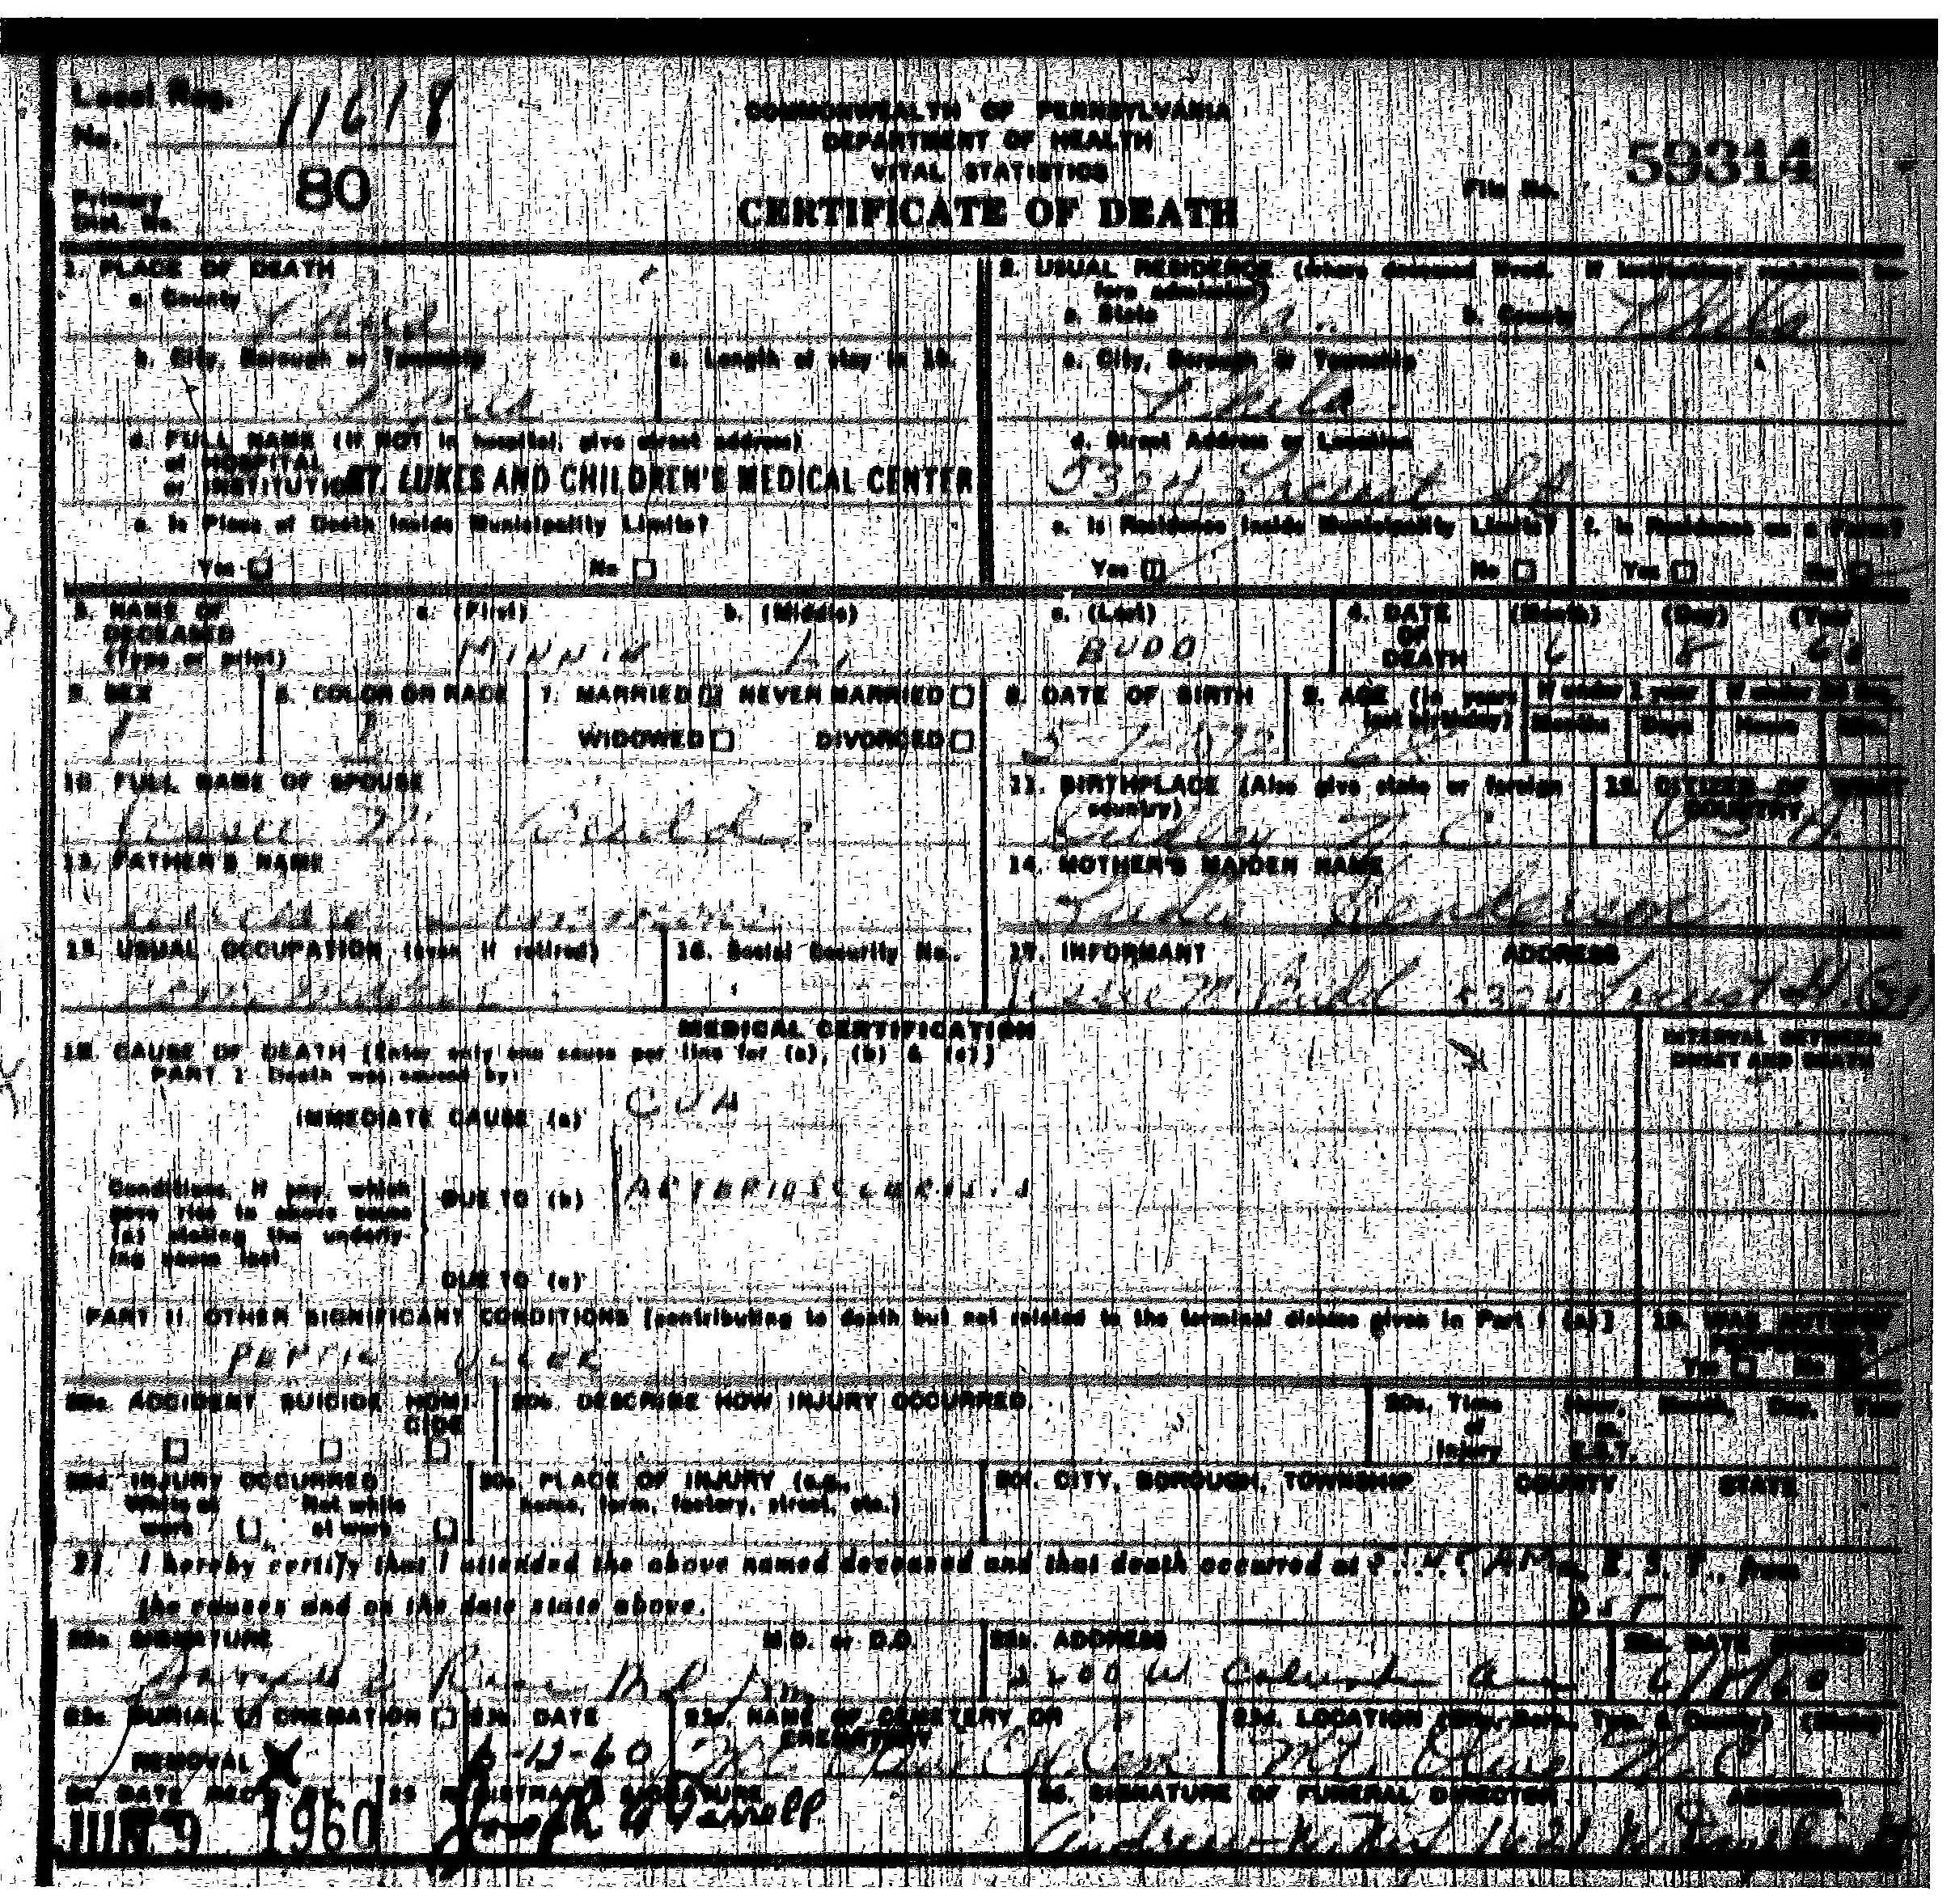 Death certificate scuffalong genealogy simmons minnie budd death cert 1betcityfo Images